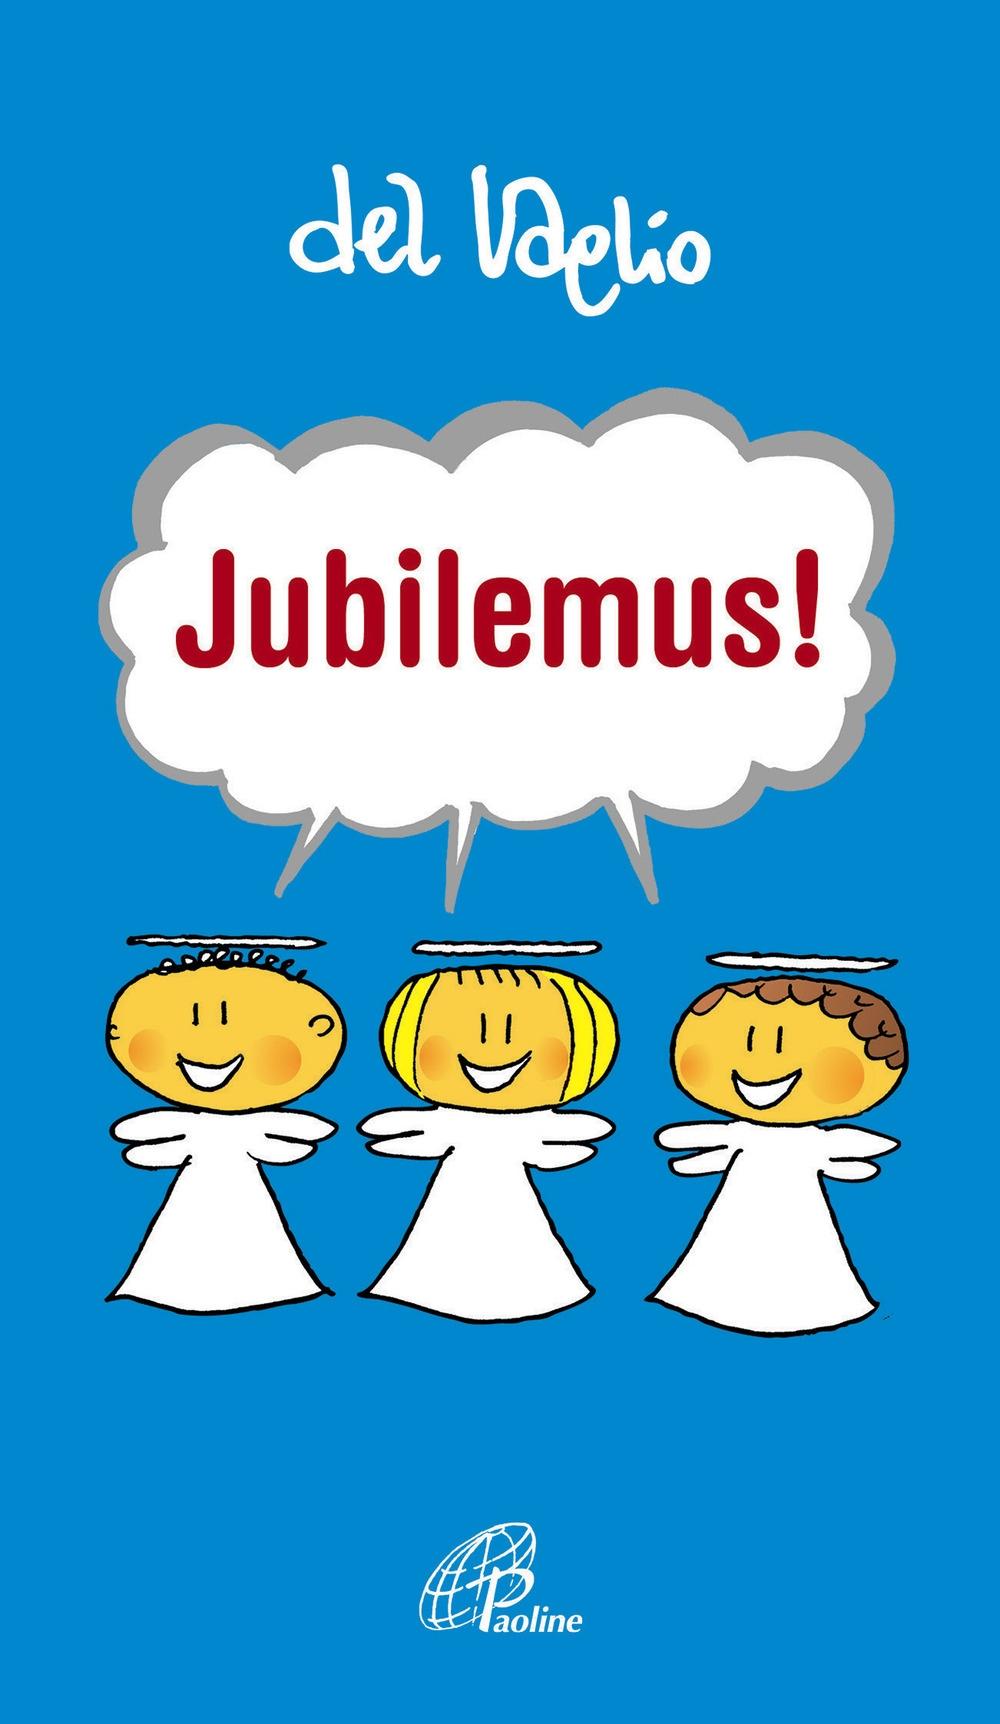 Jubilemus!